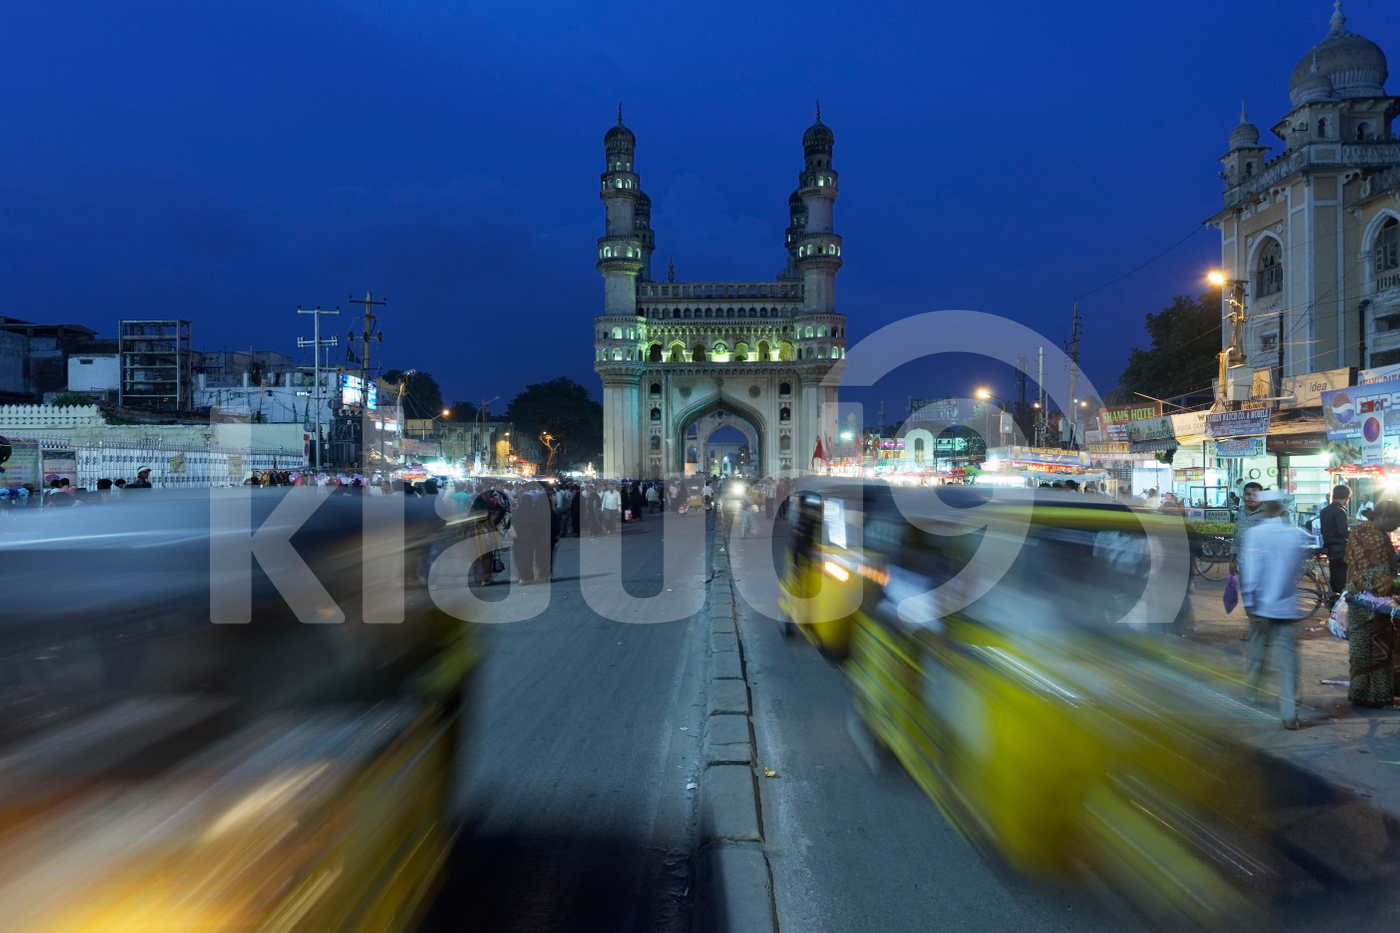 Char minar, Hyderabad, Telangana, India